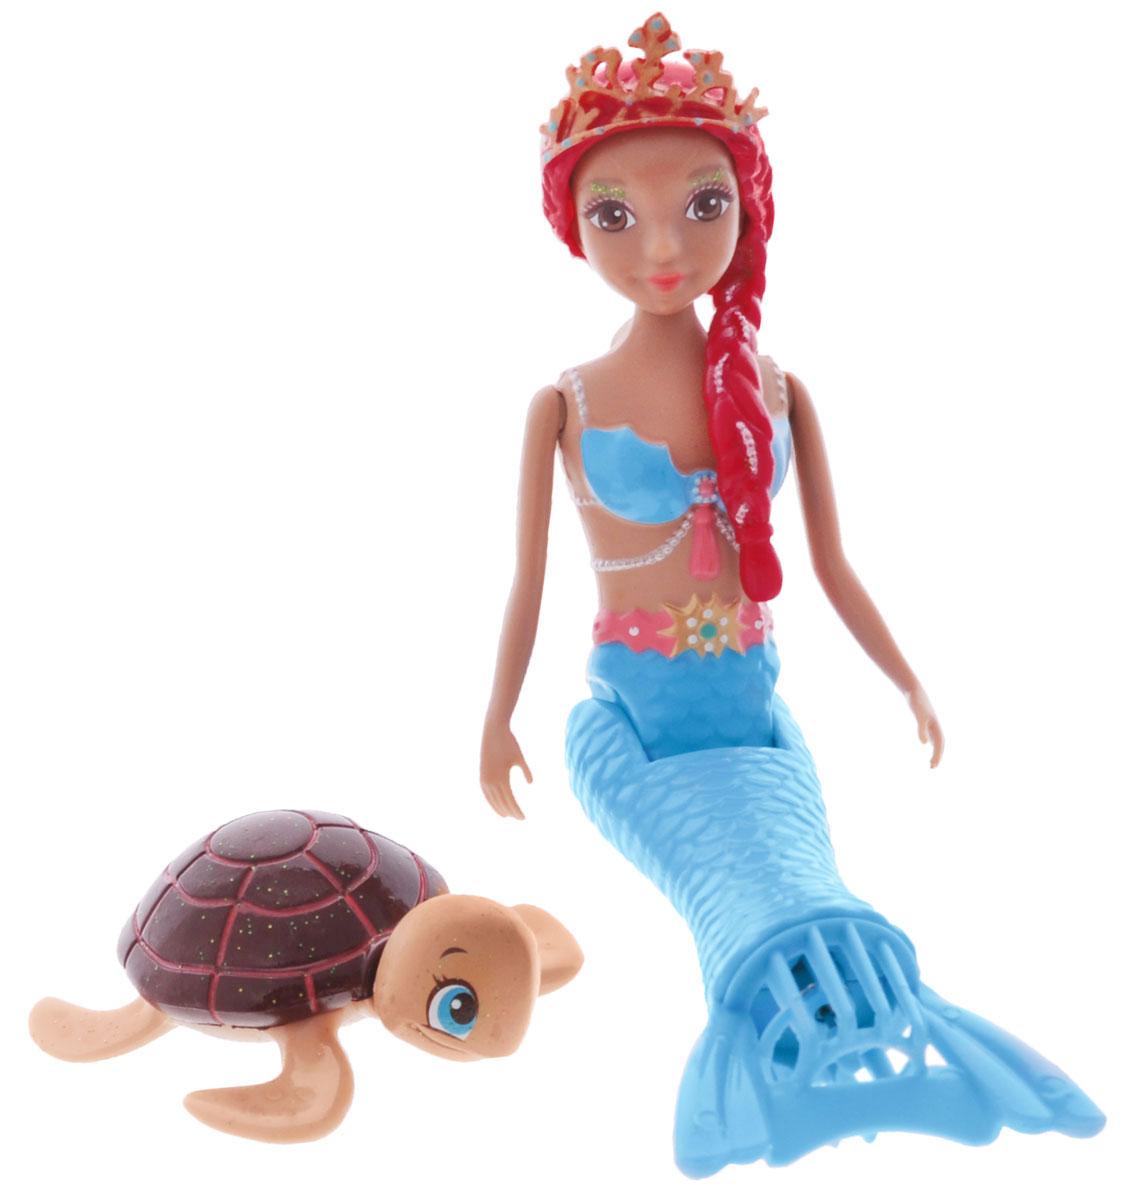 Redwood Мини-кукла Танцующая русалочка Амелия - Интерактивные игрушки